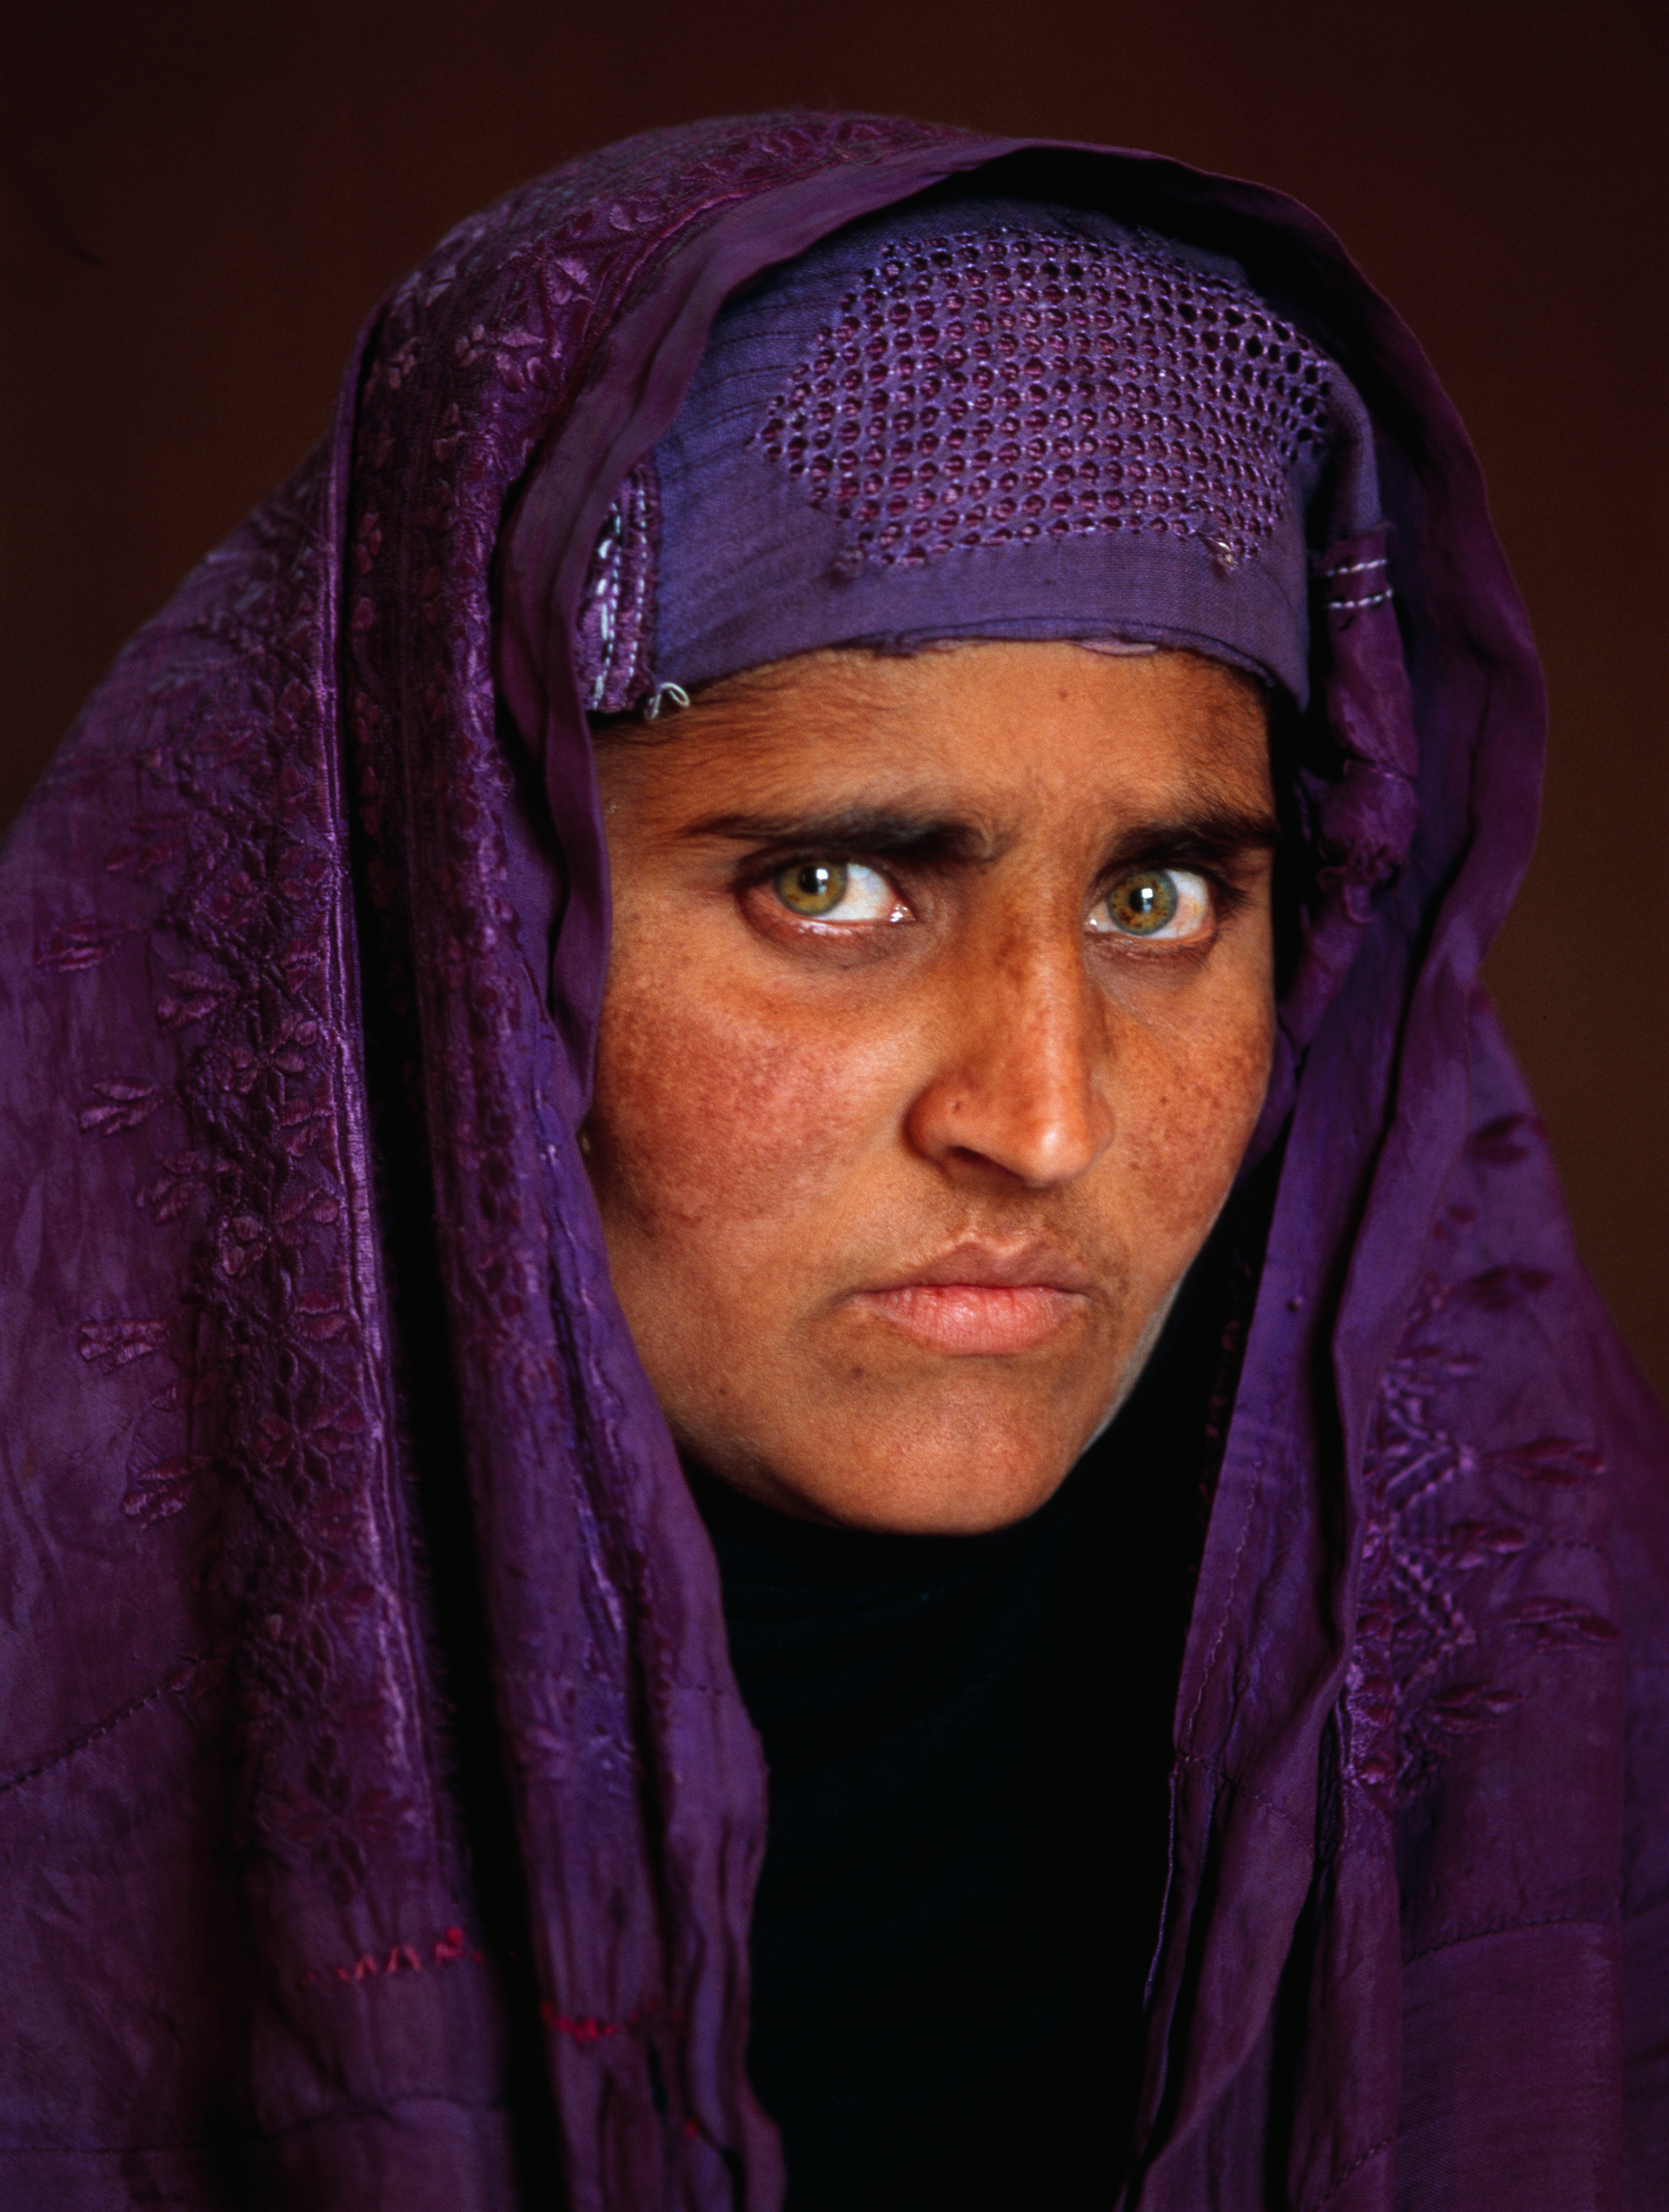 Dieciocho años después de su primera fotografía, Sharbat Gula, quien ahora vive en las montañas cercanas a Tora Bora, posa para la cámara otra vez. Steve McCurry, 2002